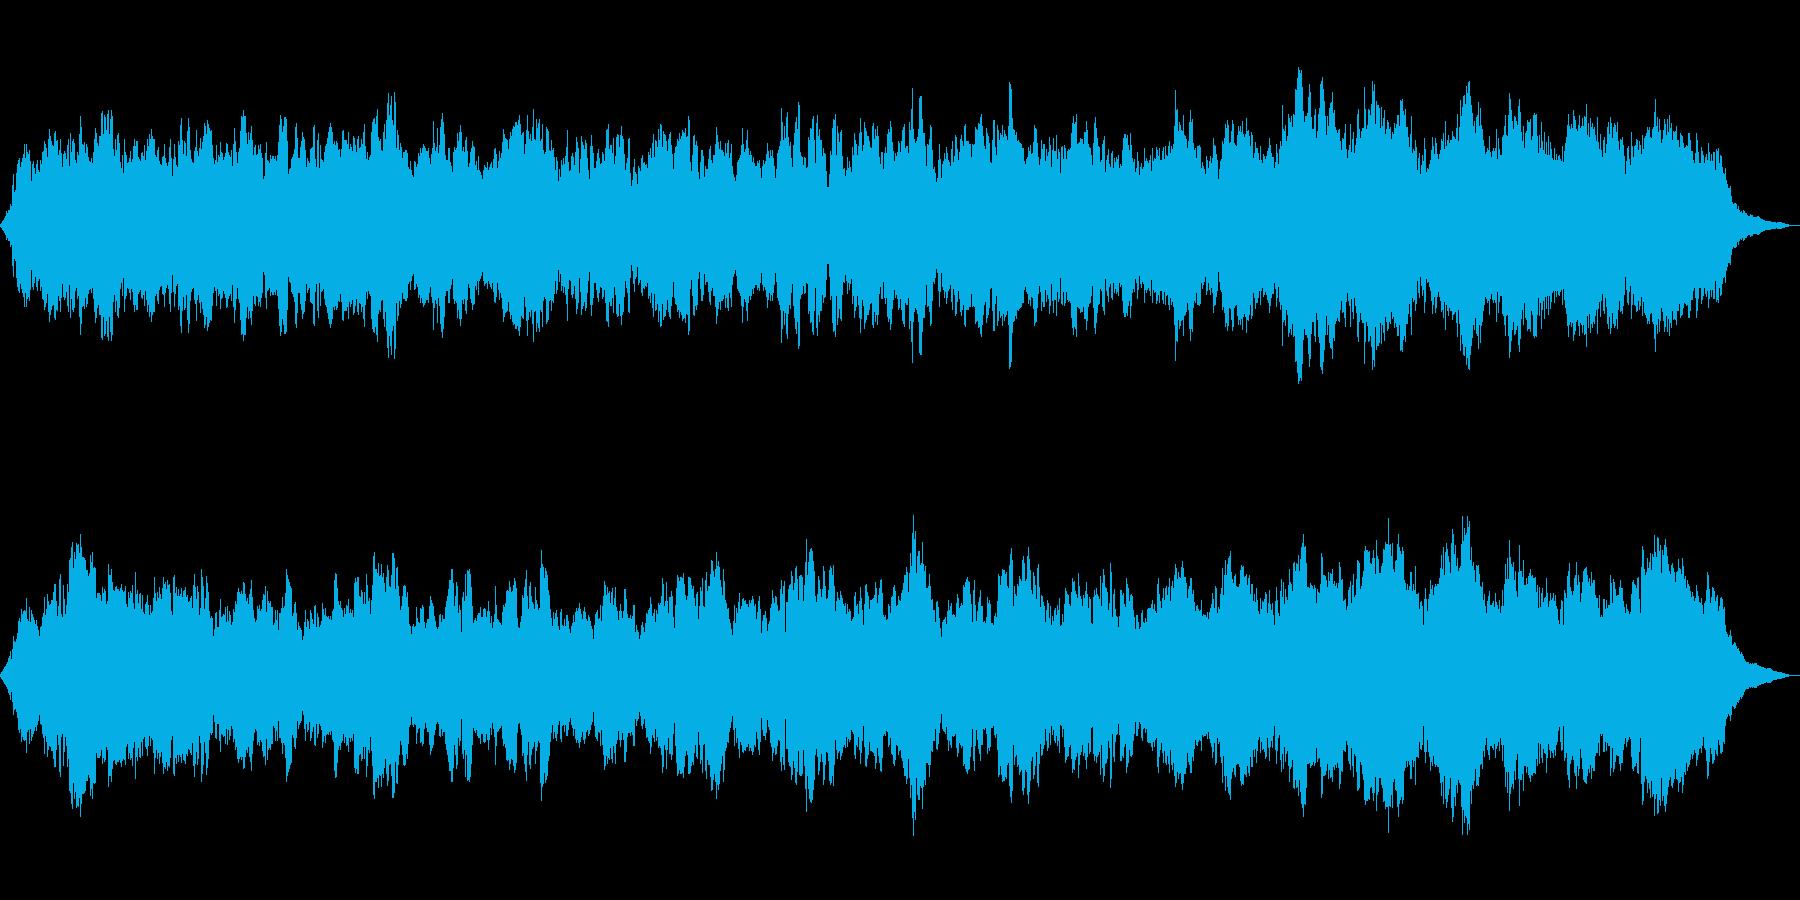 シンセサイザーの癒し リラクゼーションの再生済みの波形